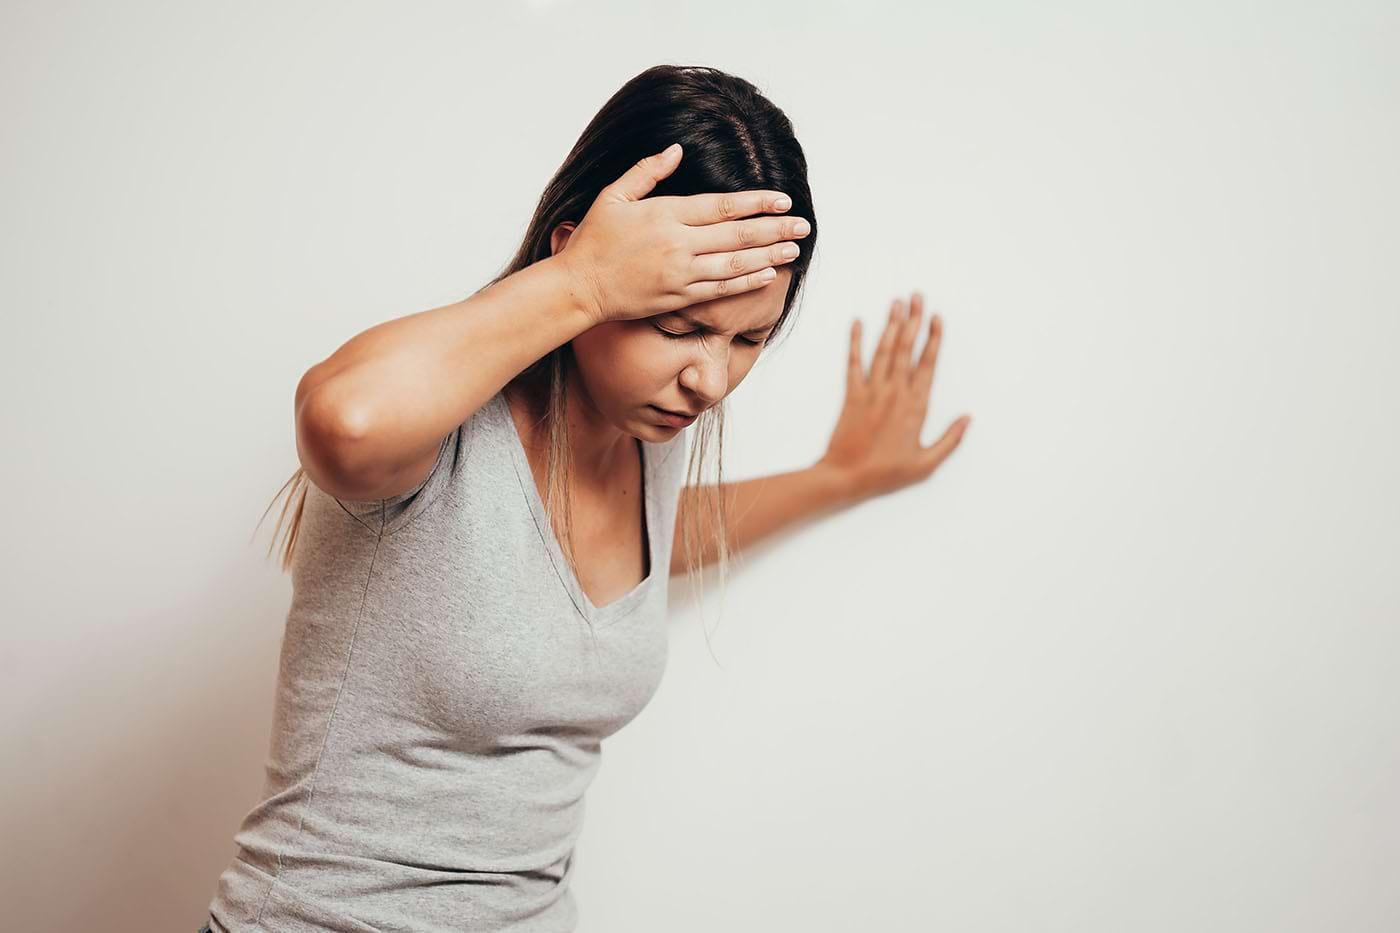 Hipotensiunea ortostatică (sau posturală): factori de risc, simptome, tratament